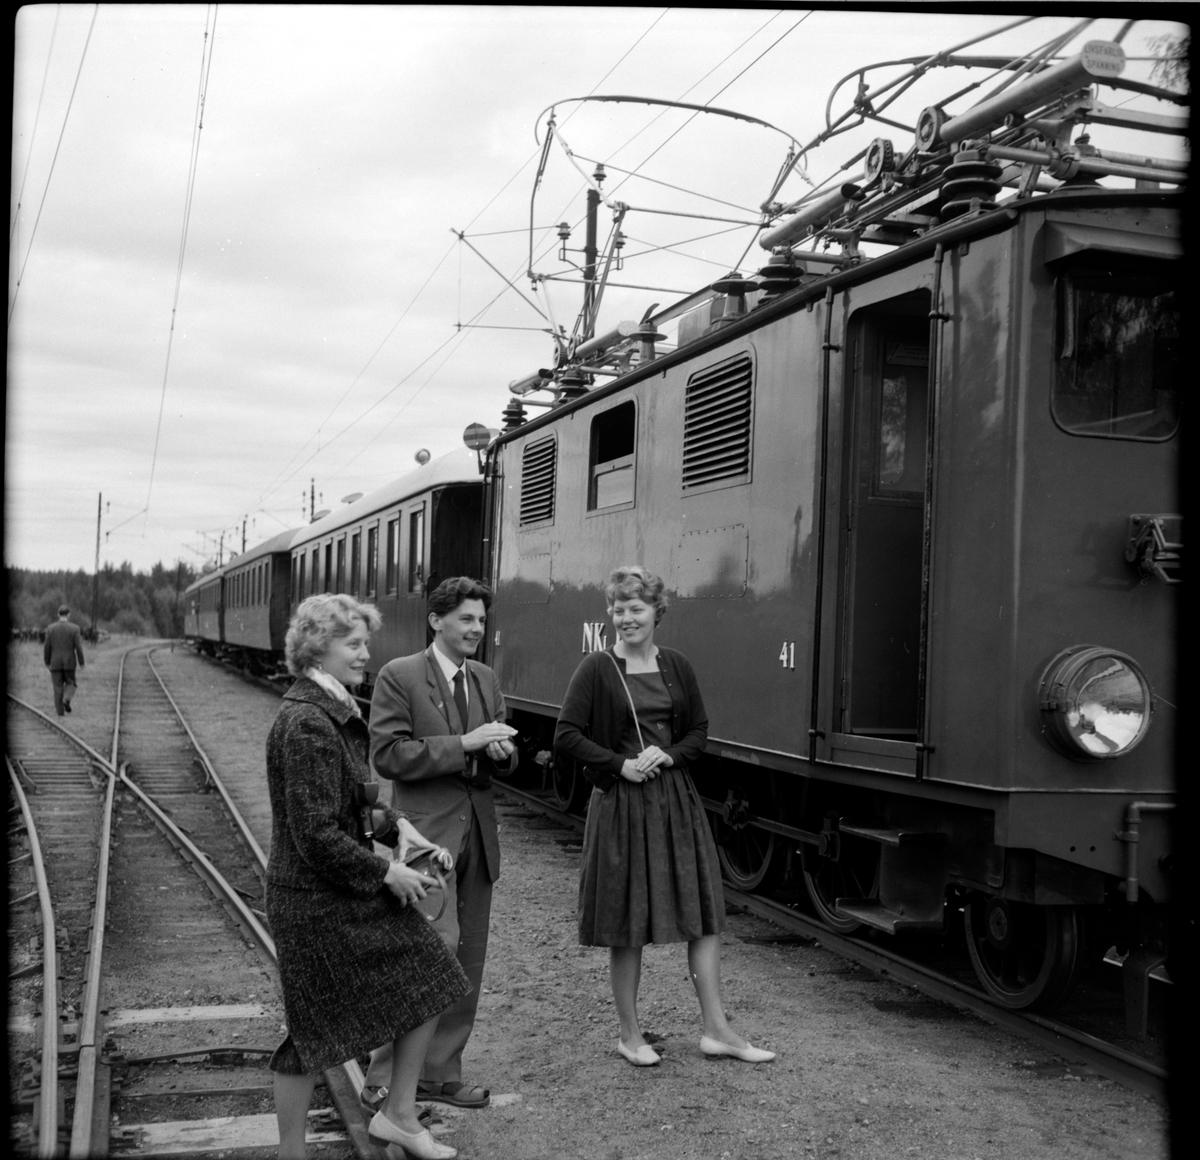 Nordmark - Klarälvens Järnväg, NKIJ ellok 41 på bangården i Nordmark. Bredvik loket ses besökare från Svenska Järnvägsklubben, SJKs höst resa på NKIJ.